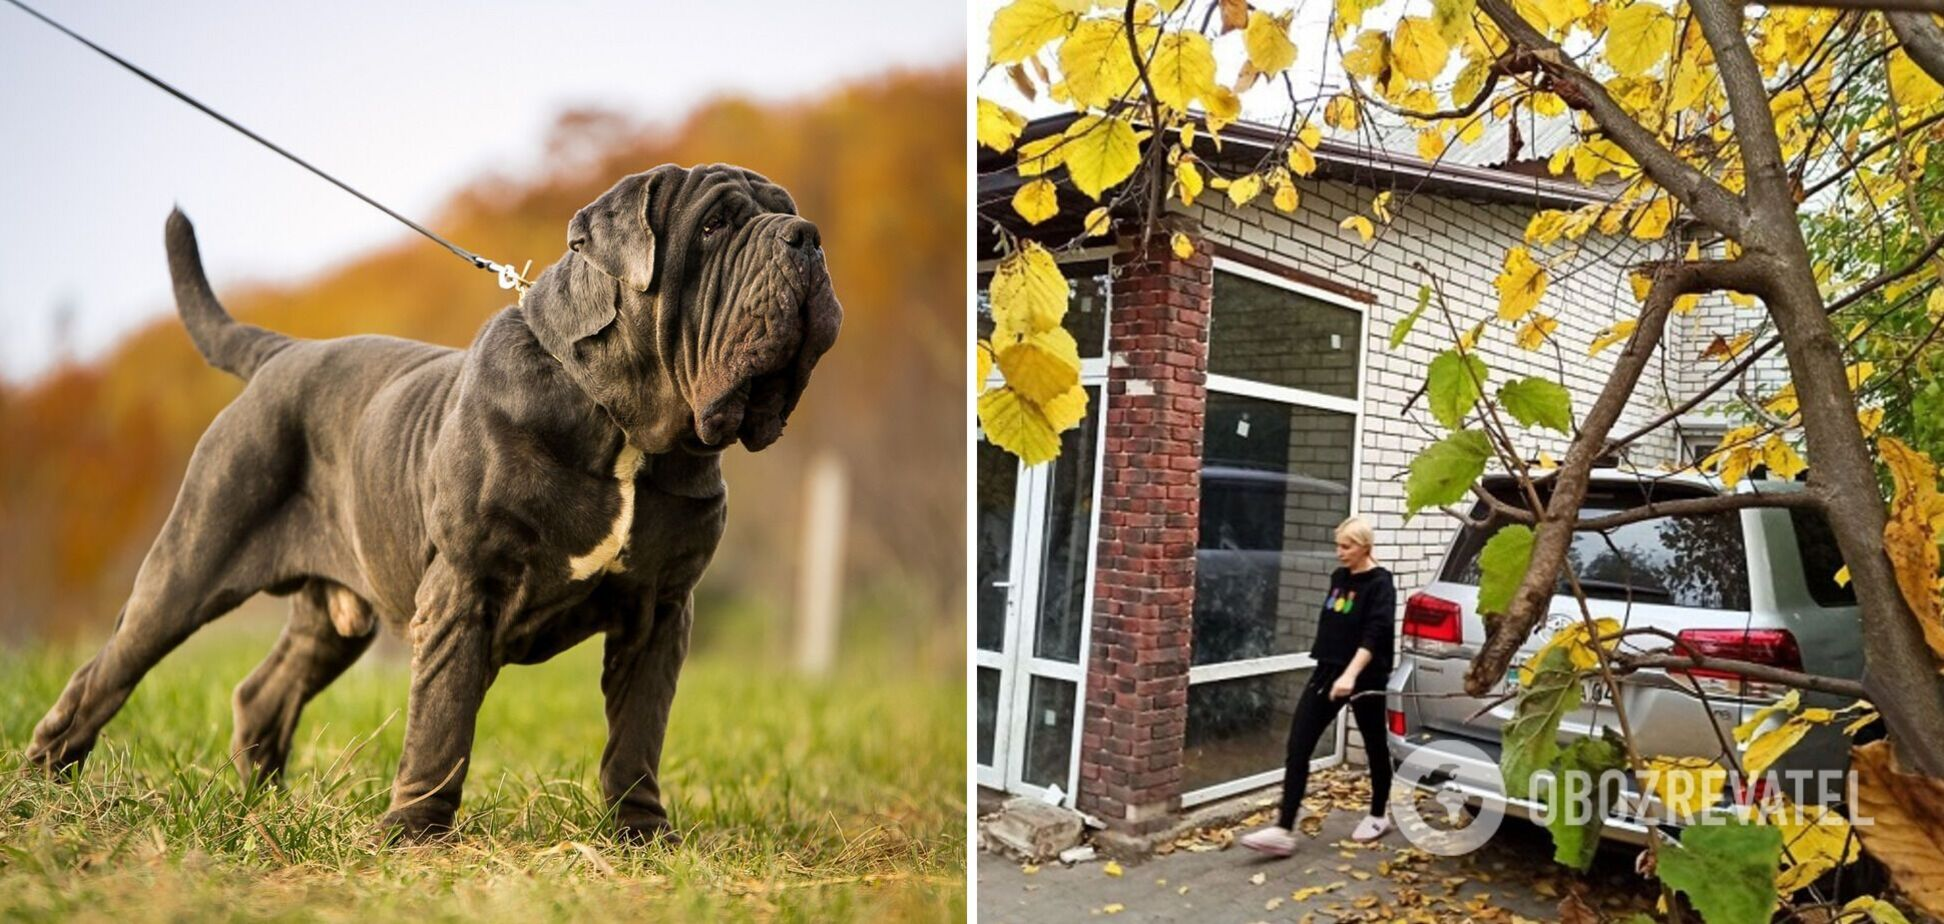 Тваринами ніхто не займався: з'ясувалися деталі загибелі жінки від нападу бійцівських псів у Харкові